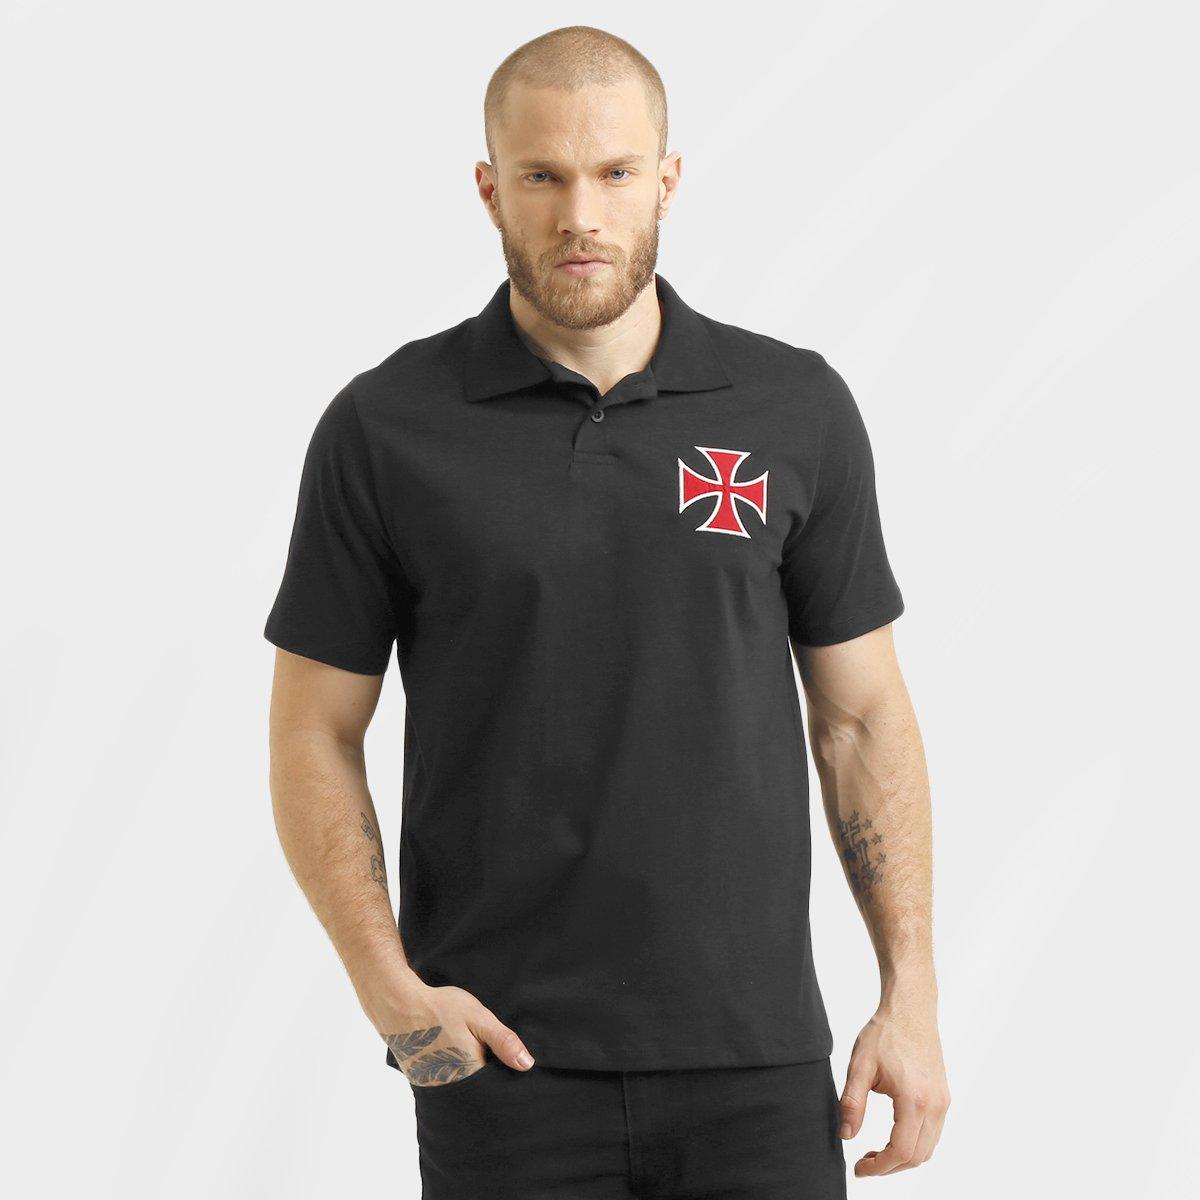 Camisa Polo Vasco Shape Básica Masculina - Compre Agora  b6de5342f6a9b